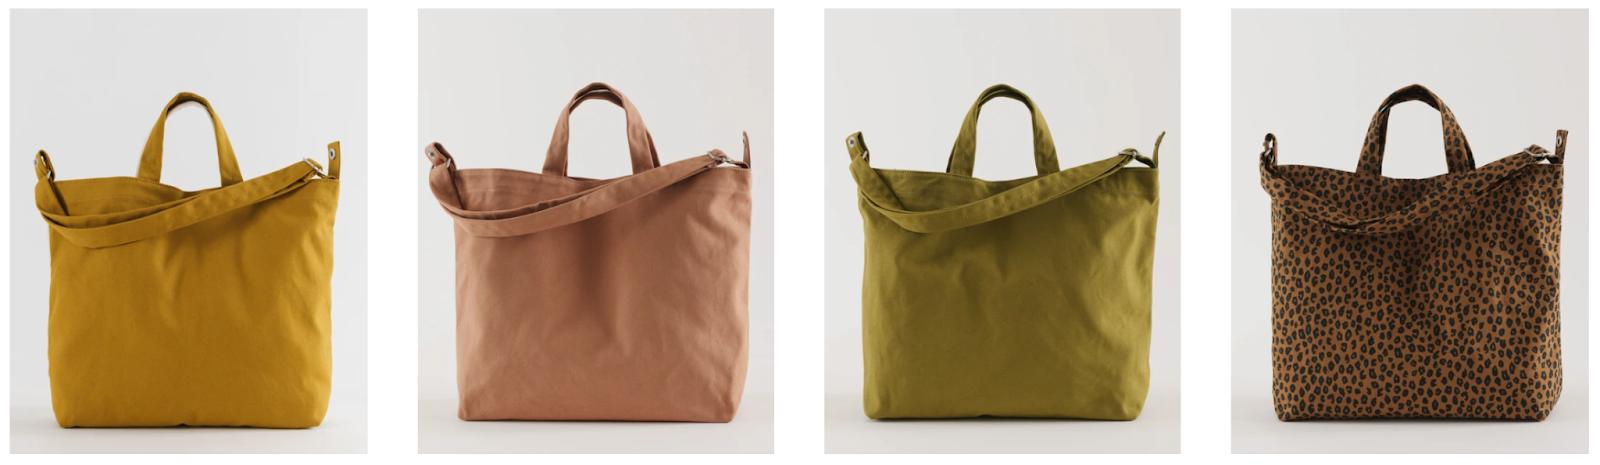 Baggu Tote Bags